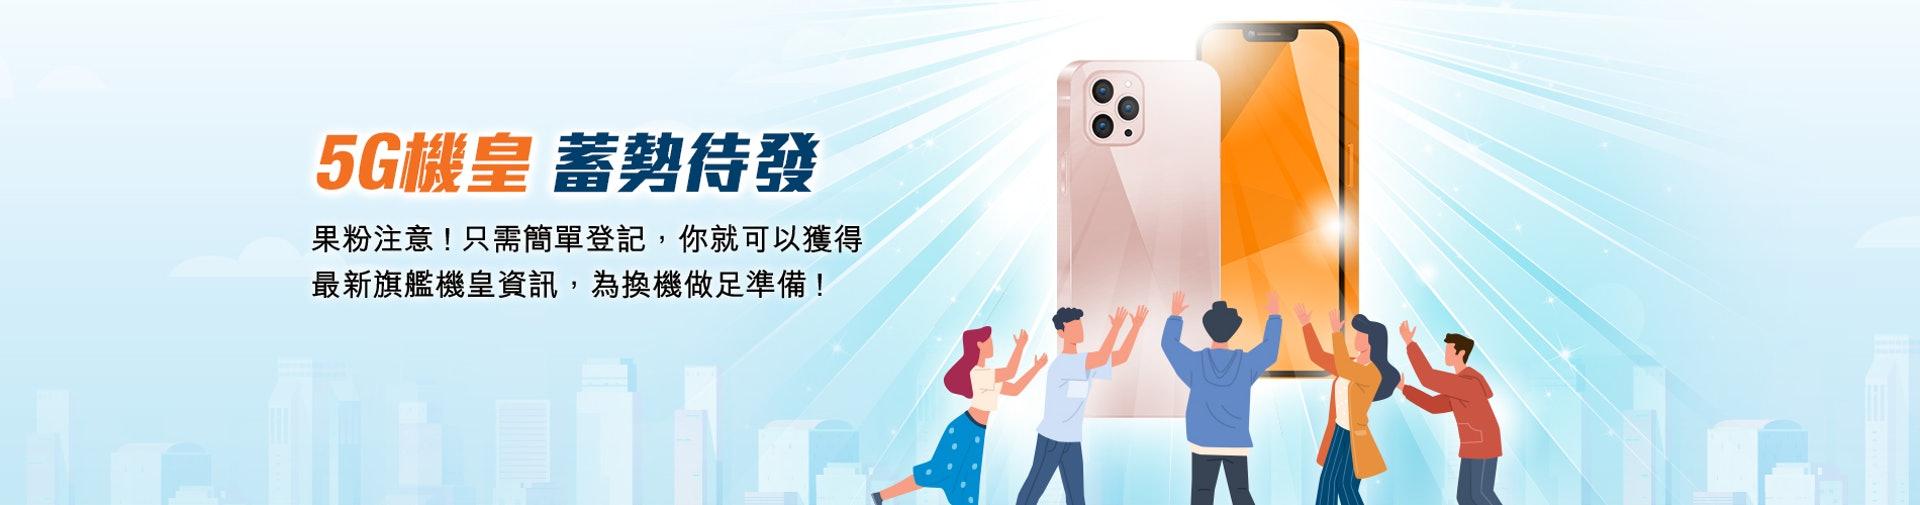 香港寬頻-- 5G 機王(香港寬頻網站圖片)